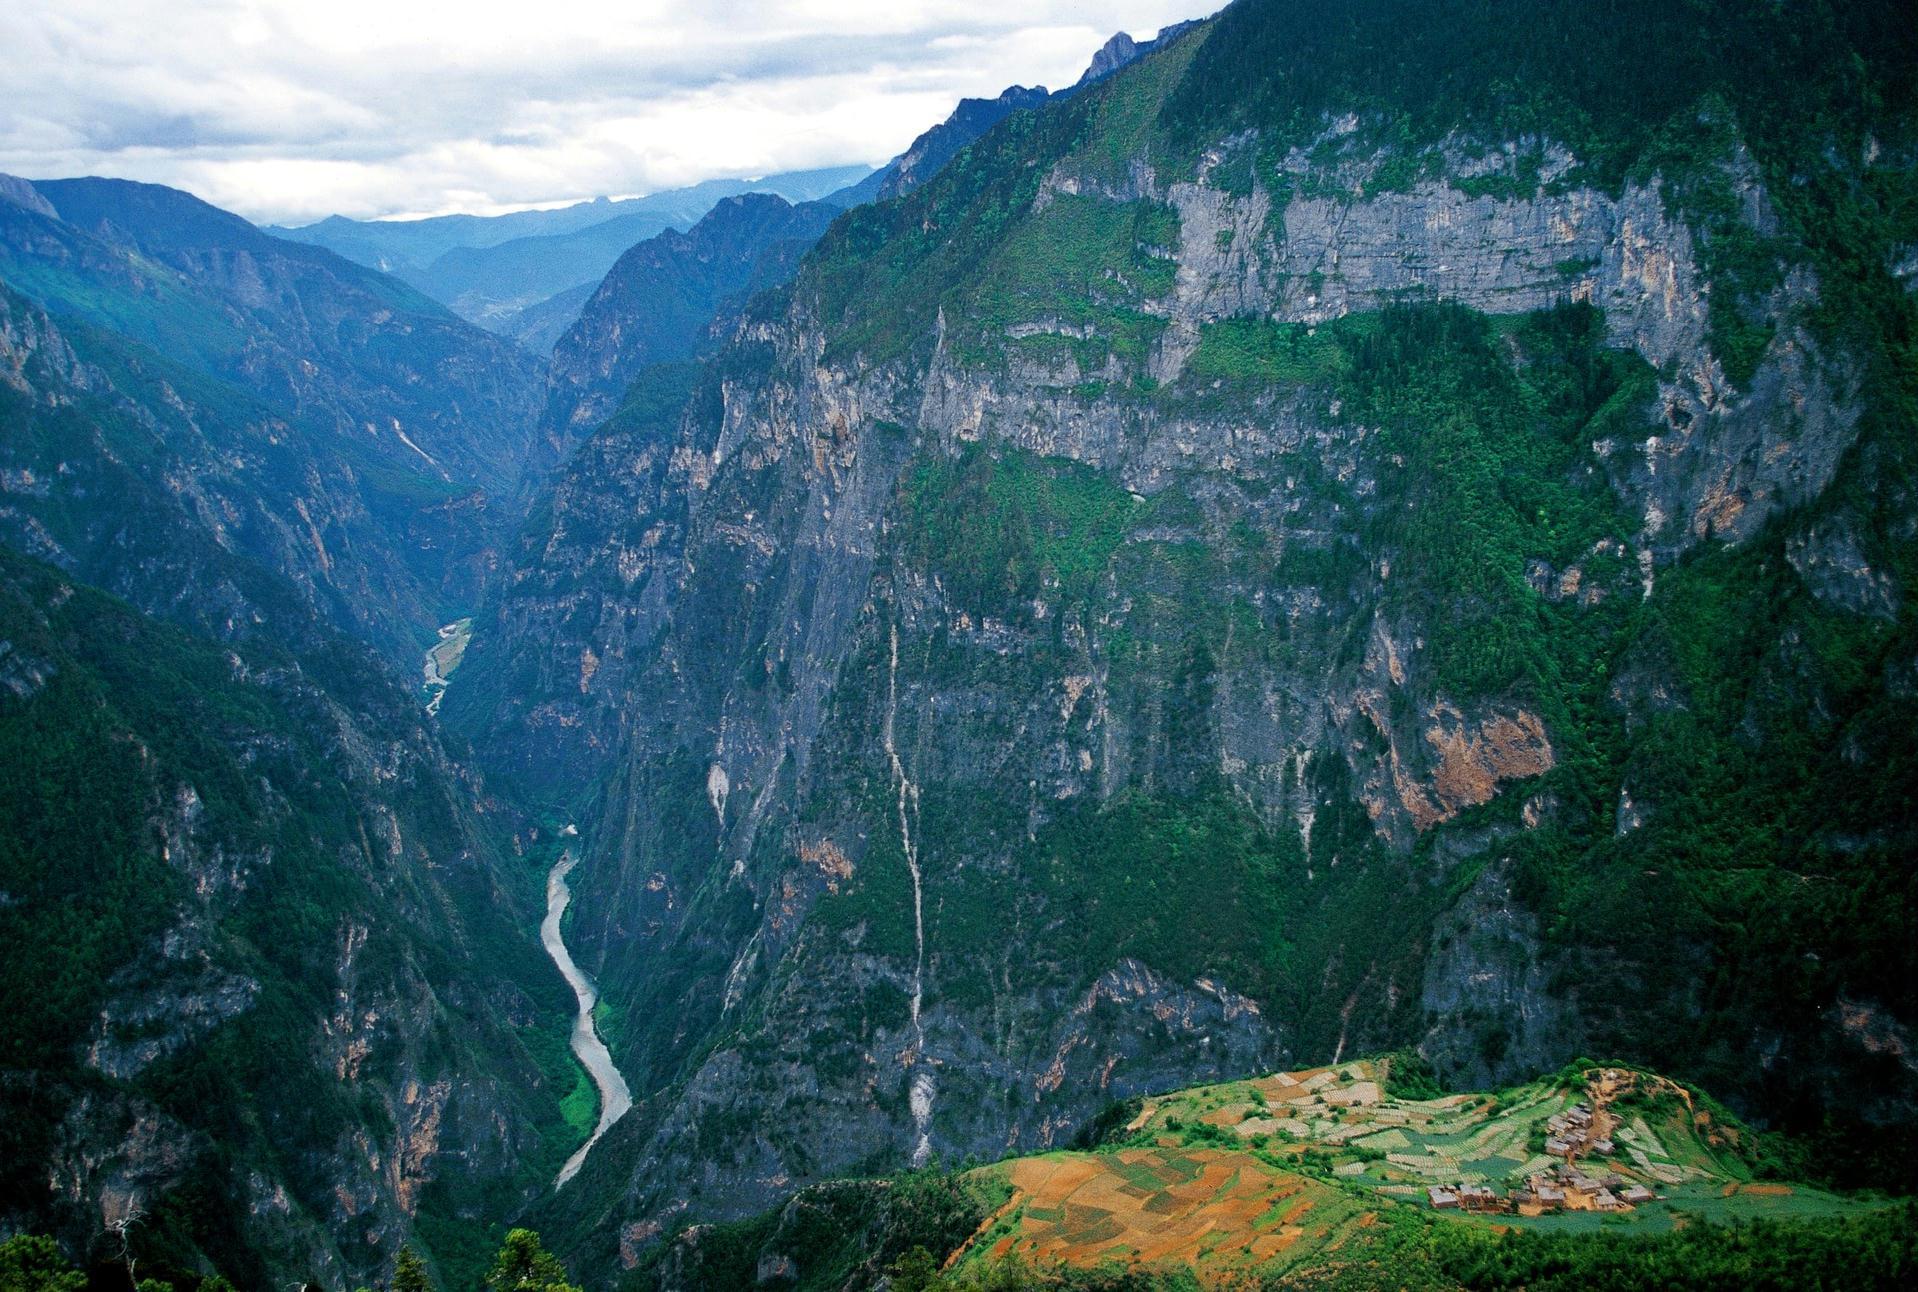 巴拉格宗香格里拉大峡谷国家公园